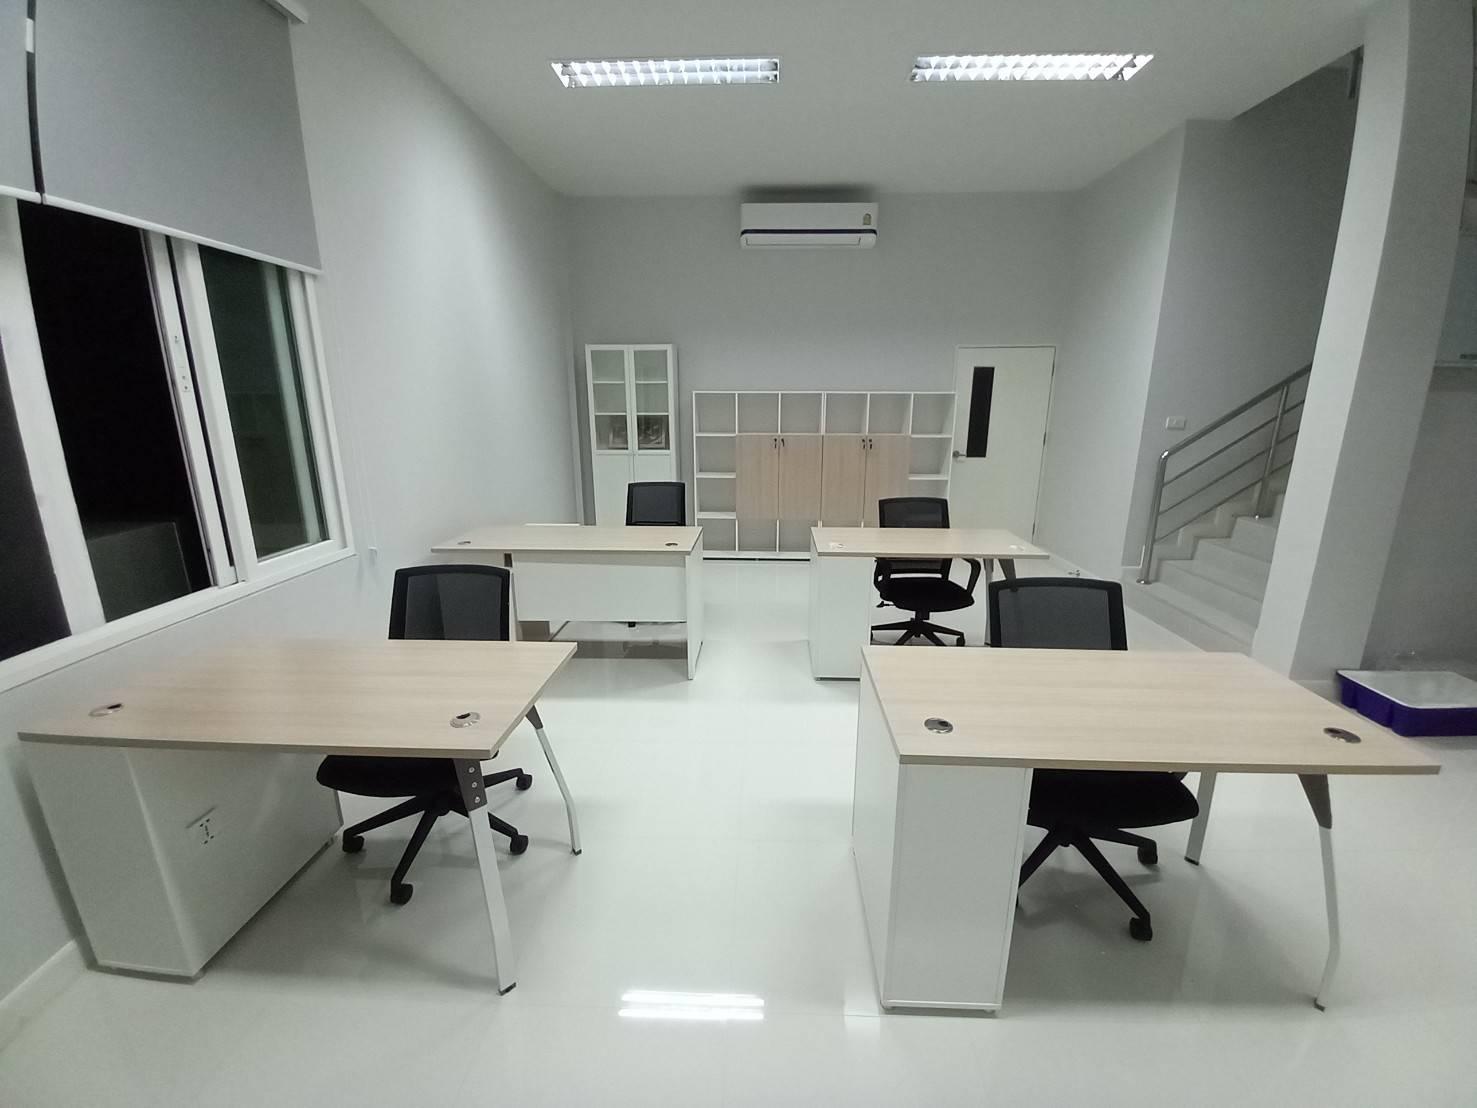 ติดตั้งเฟอร์นิเจอร์ โต๊ะทำงาน พร้อมตู้ข้างและเก้าอี้สำนักงาน